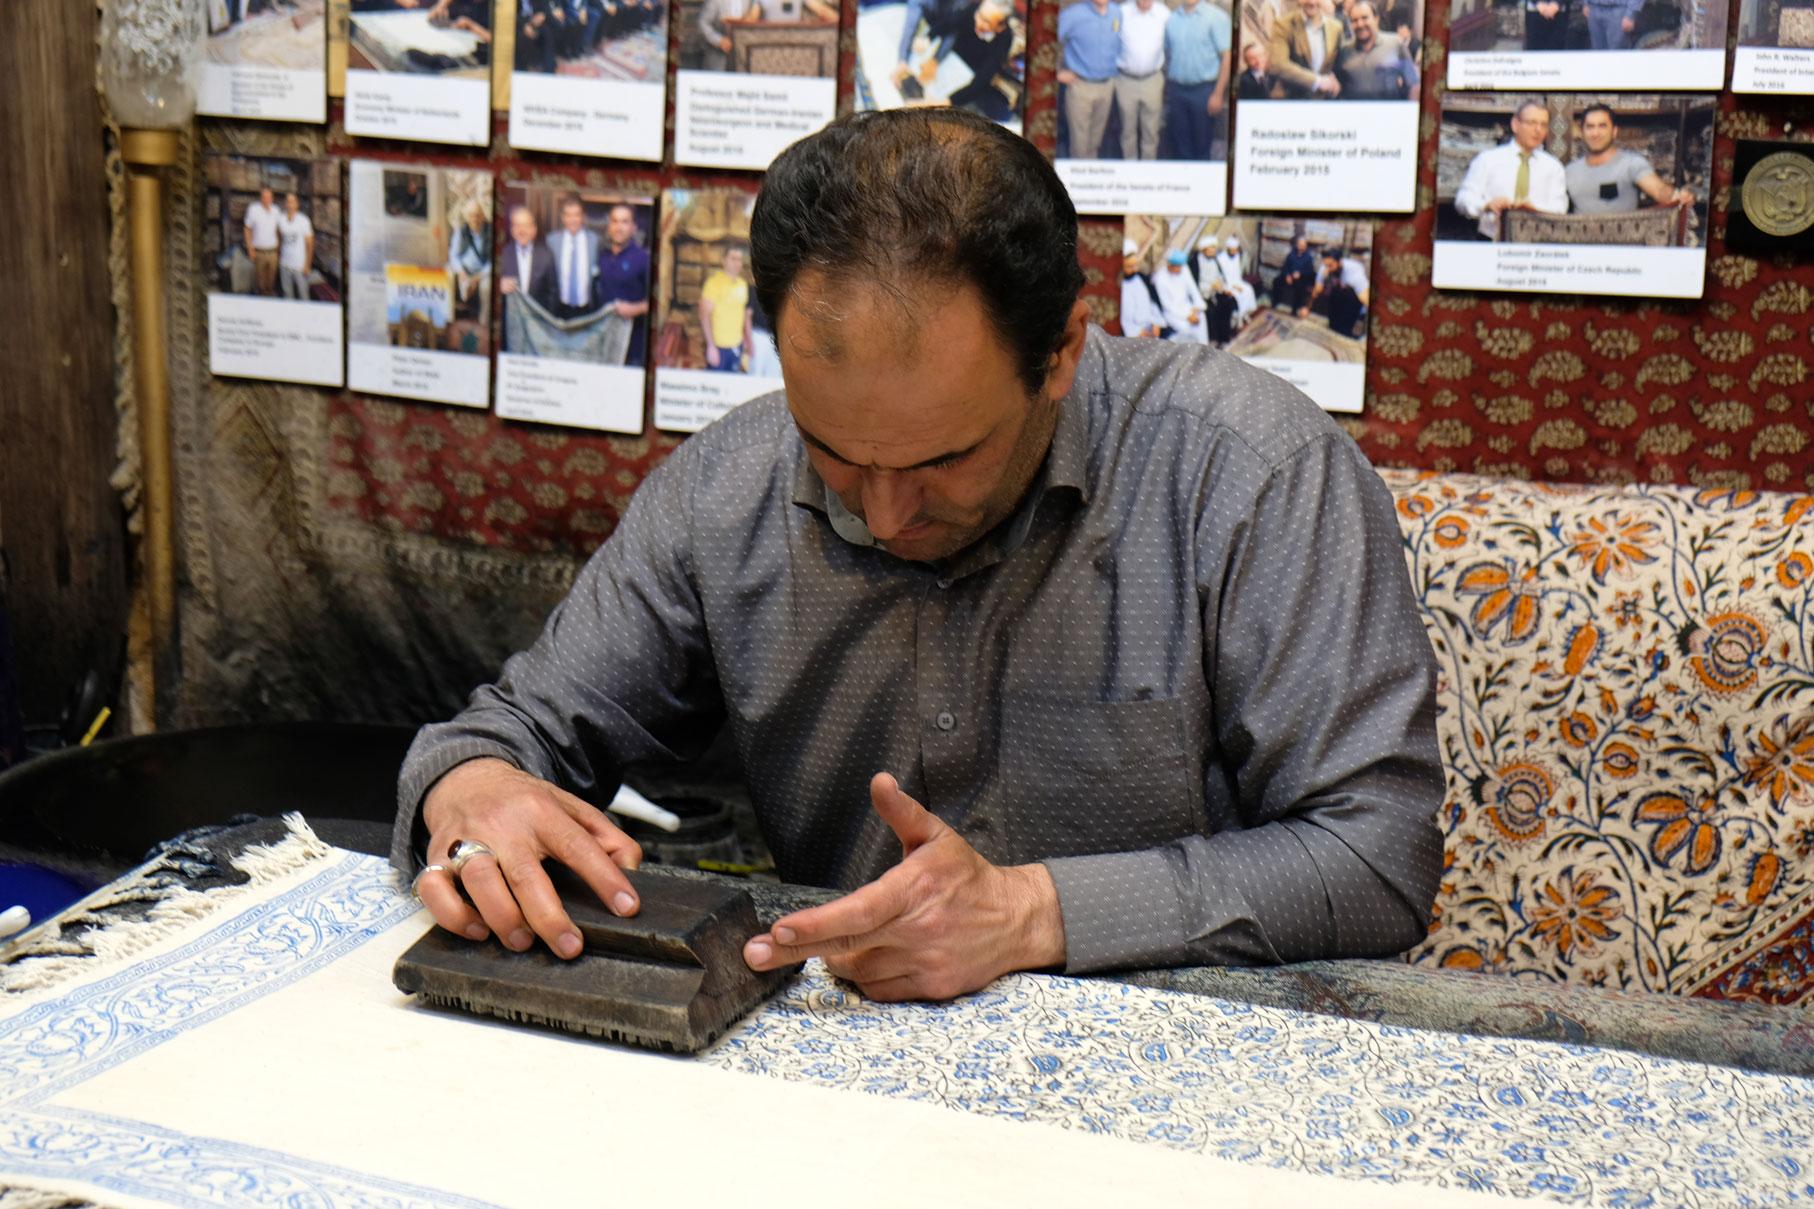 Ein Mann bedruckt mit einem Holzstempel ein Stück Stoff